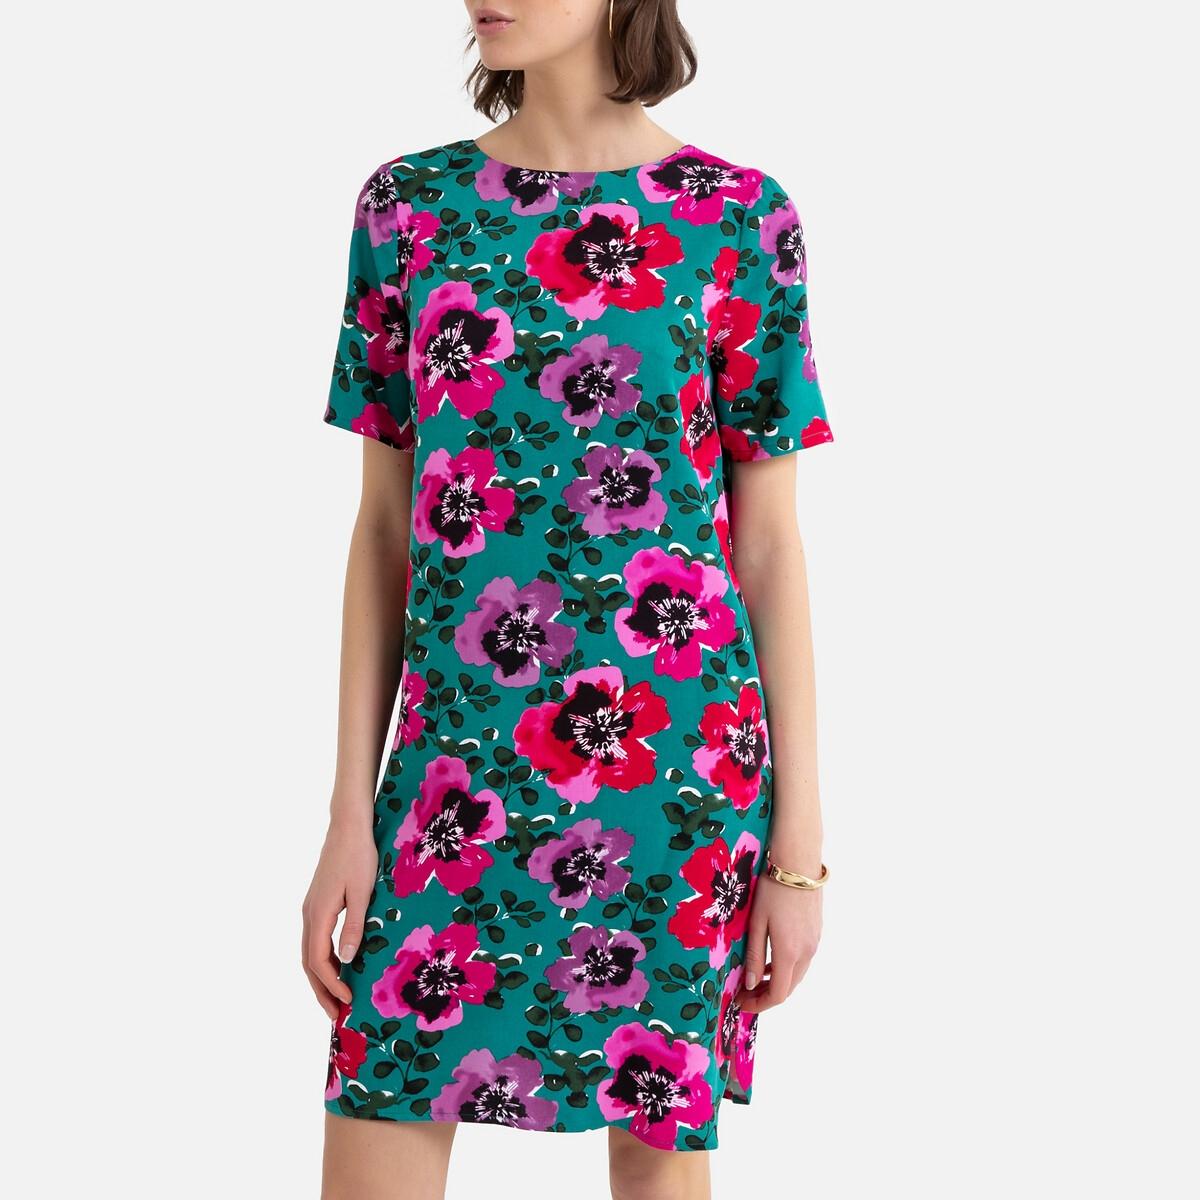 Платье-футляр La Redoute Короткое с цветочным принтом 36 (FR) - 42 (RUS) зеленый